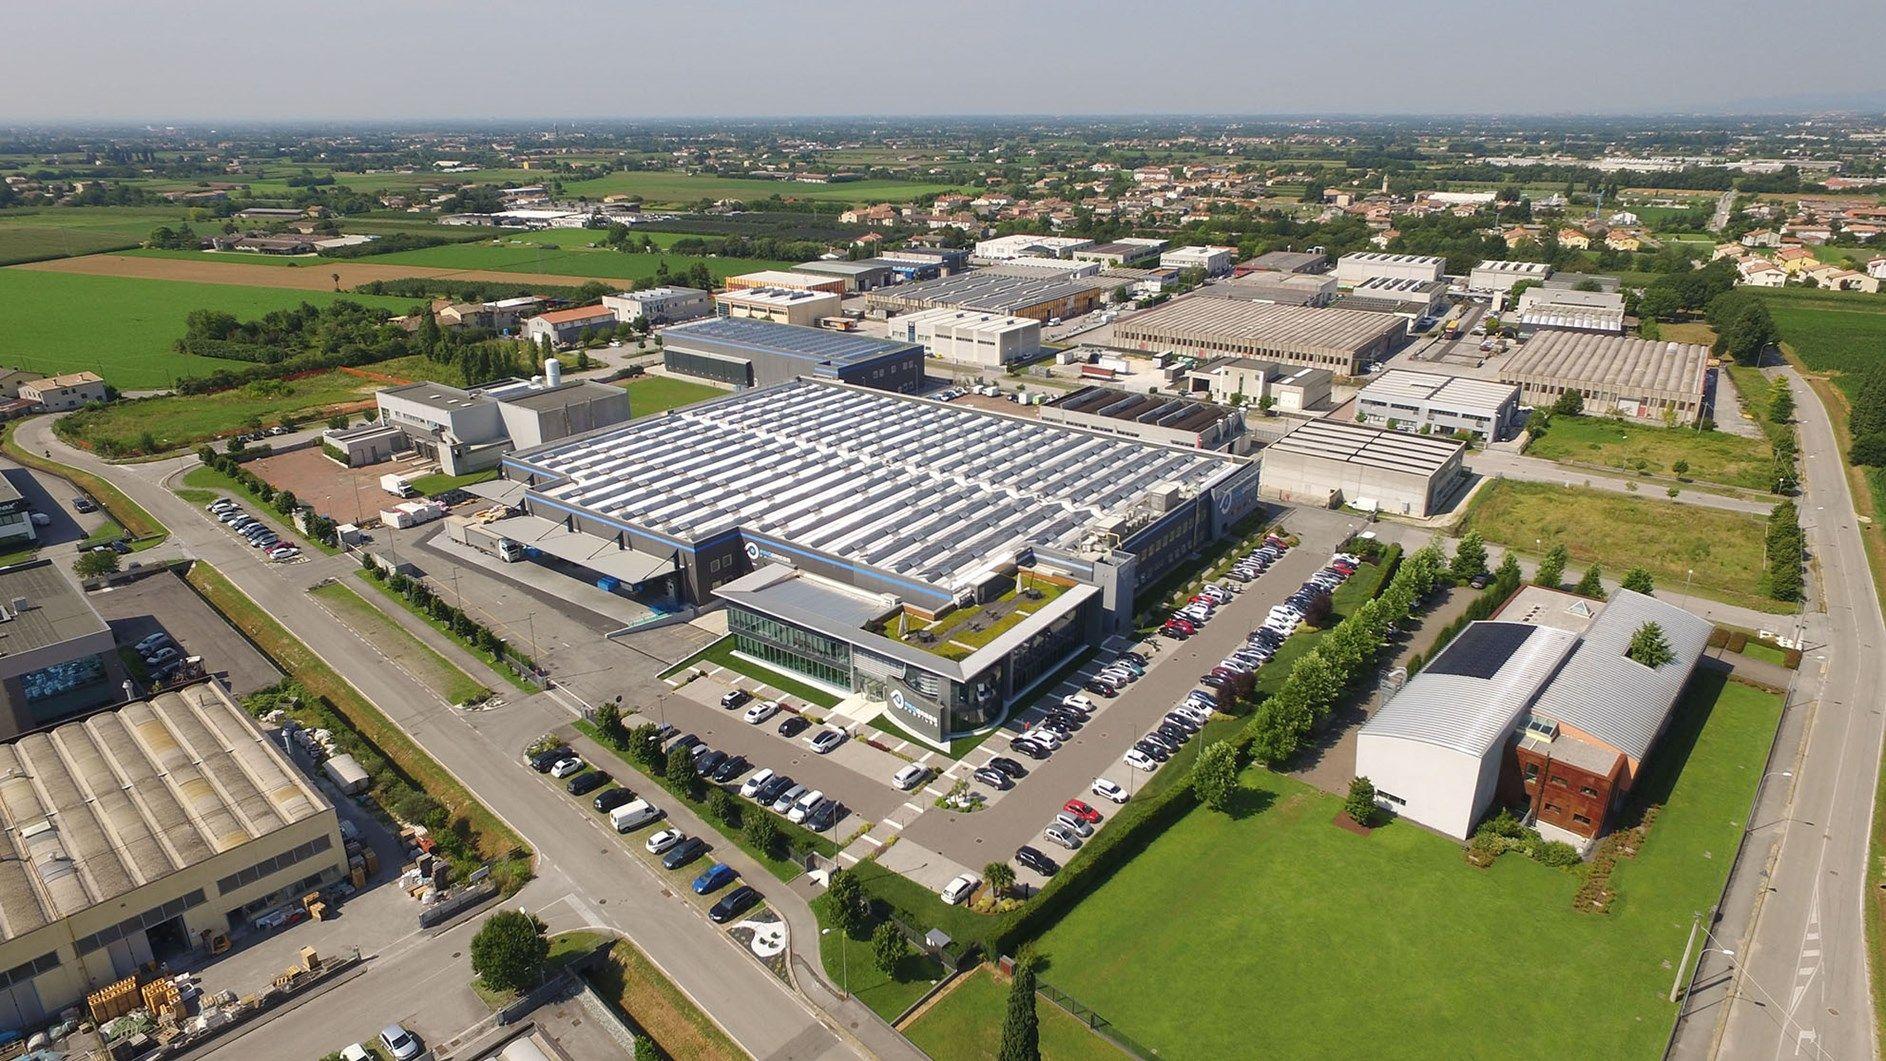 Progress Profiles celebra 35 anni di storia tra Made in Italy, design e innovazione